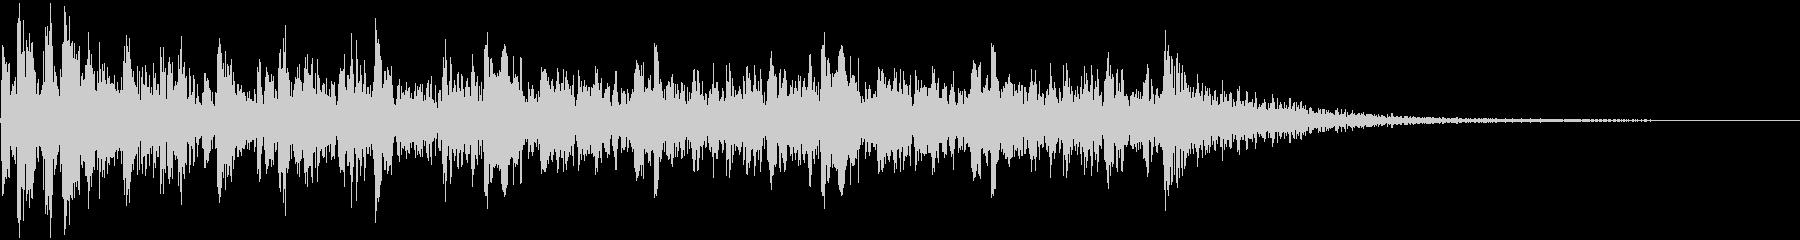 ティンパニロールの未再生の波形